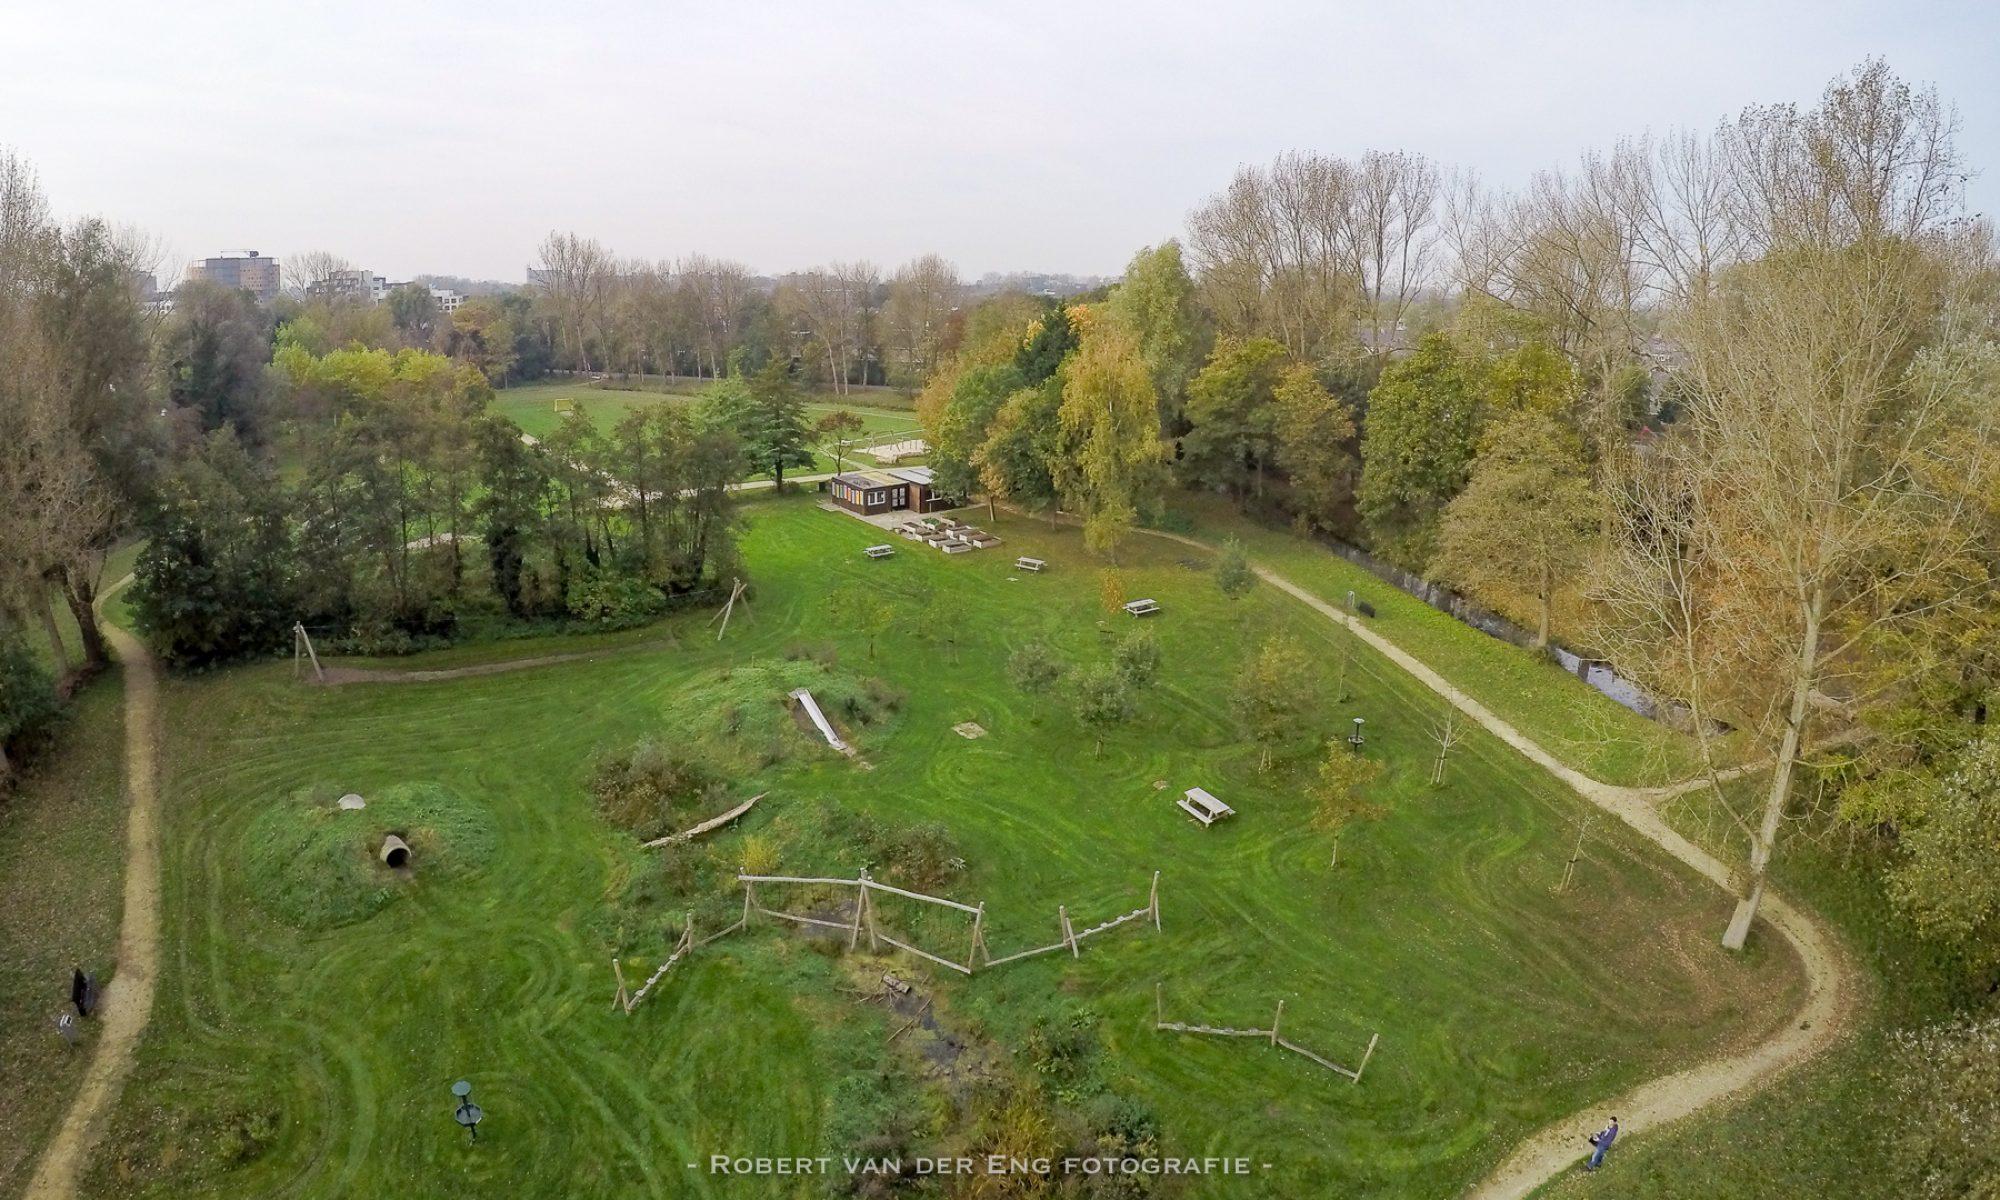 Park De Oude Kwekerij